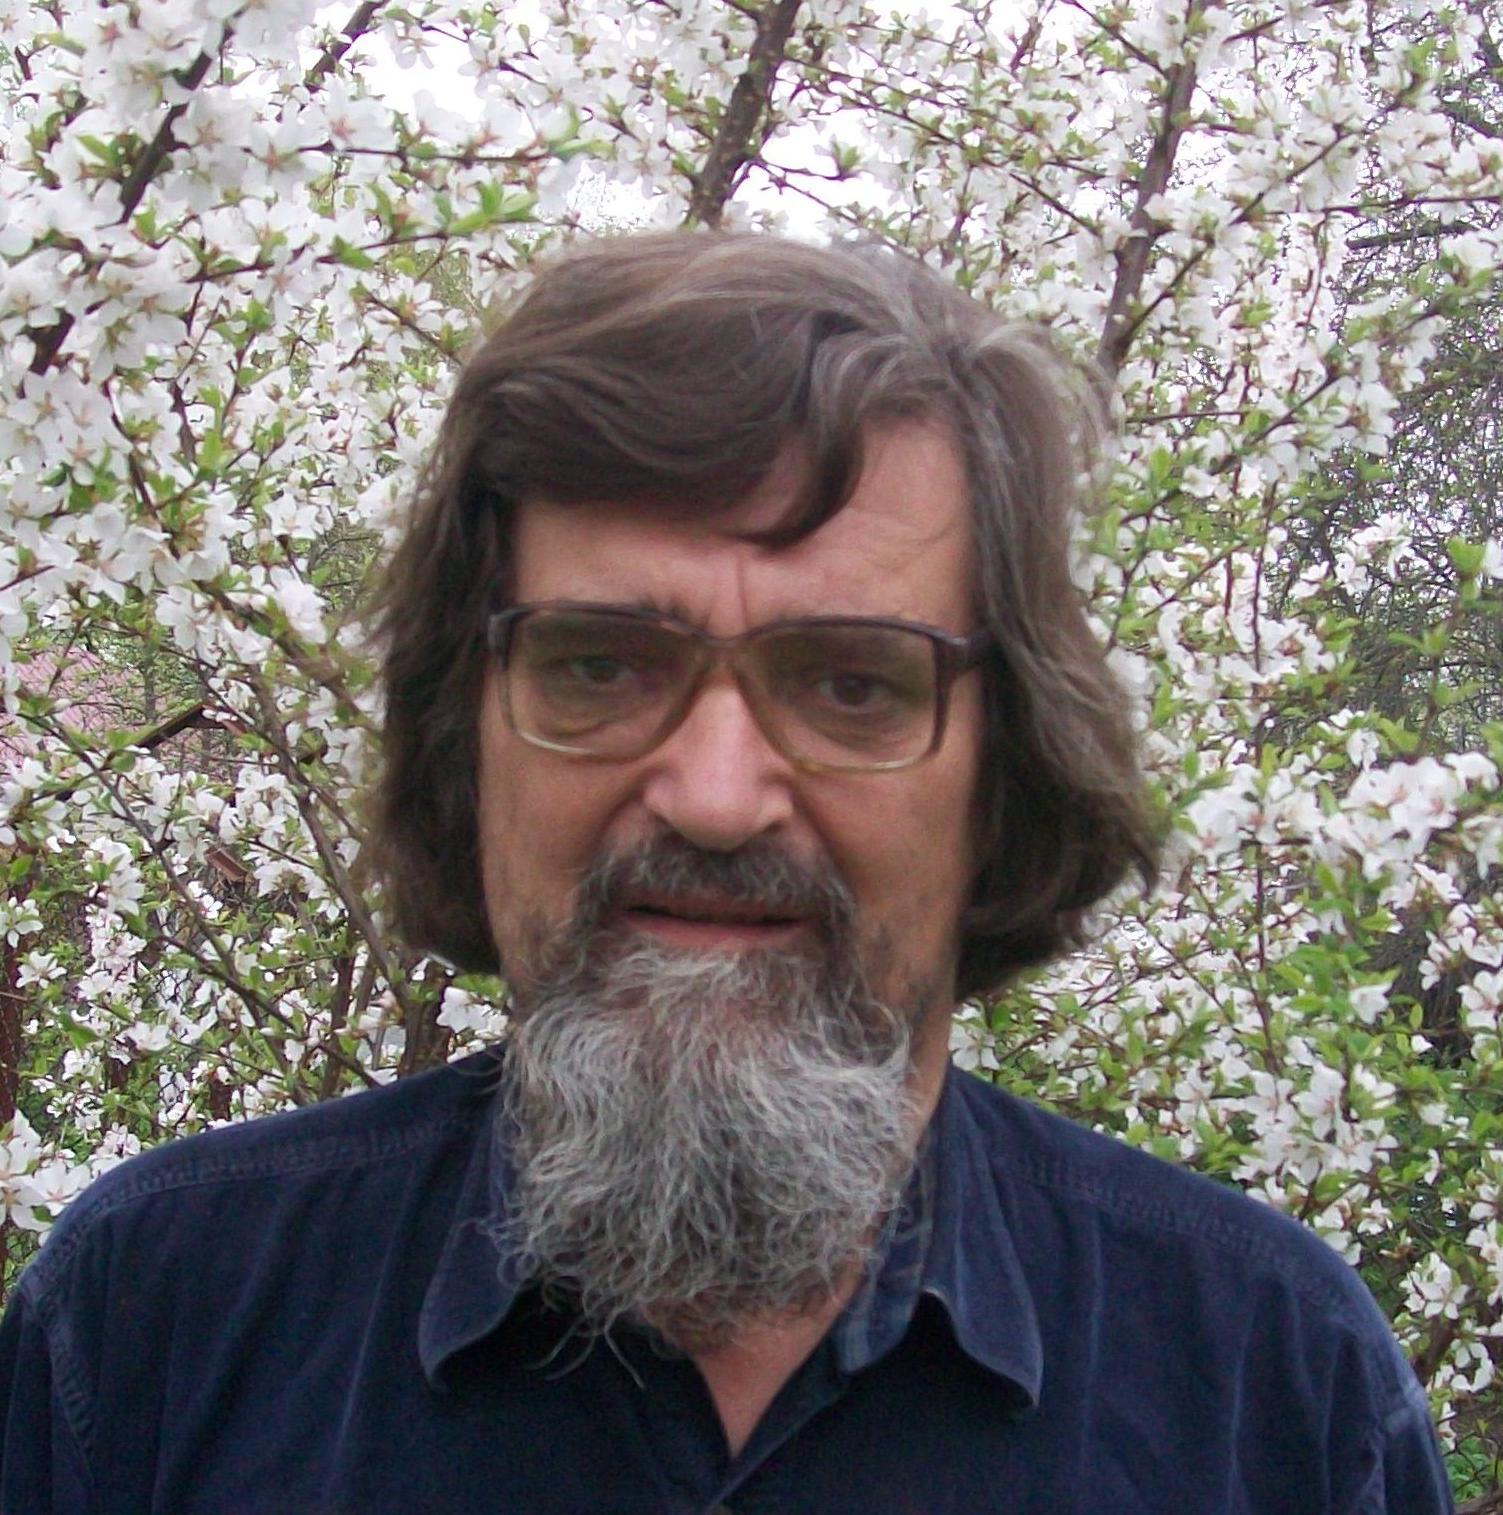 Nikolao Gudskov